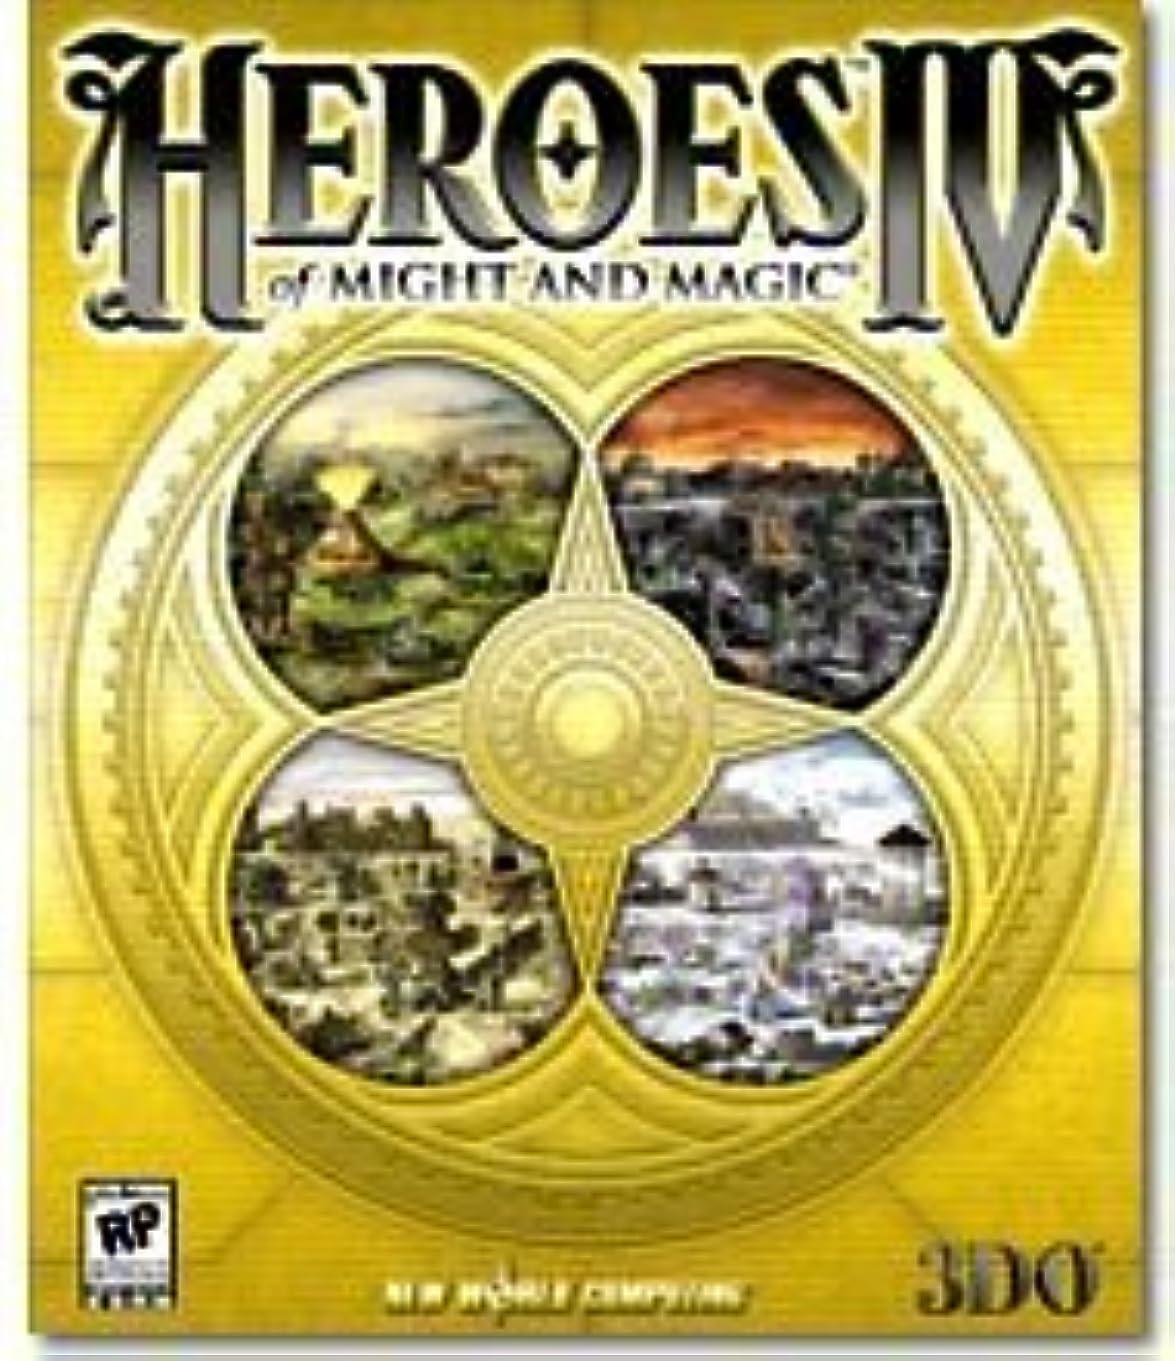 モス時間爆弾Heroes of Might & Magic 4 (輸入版)